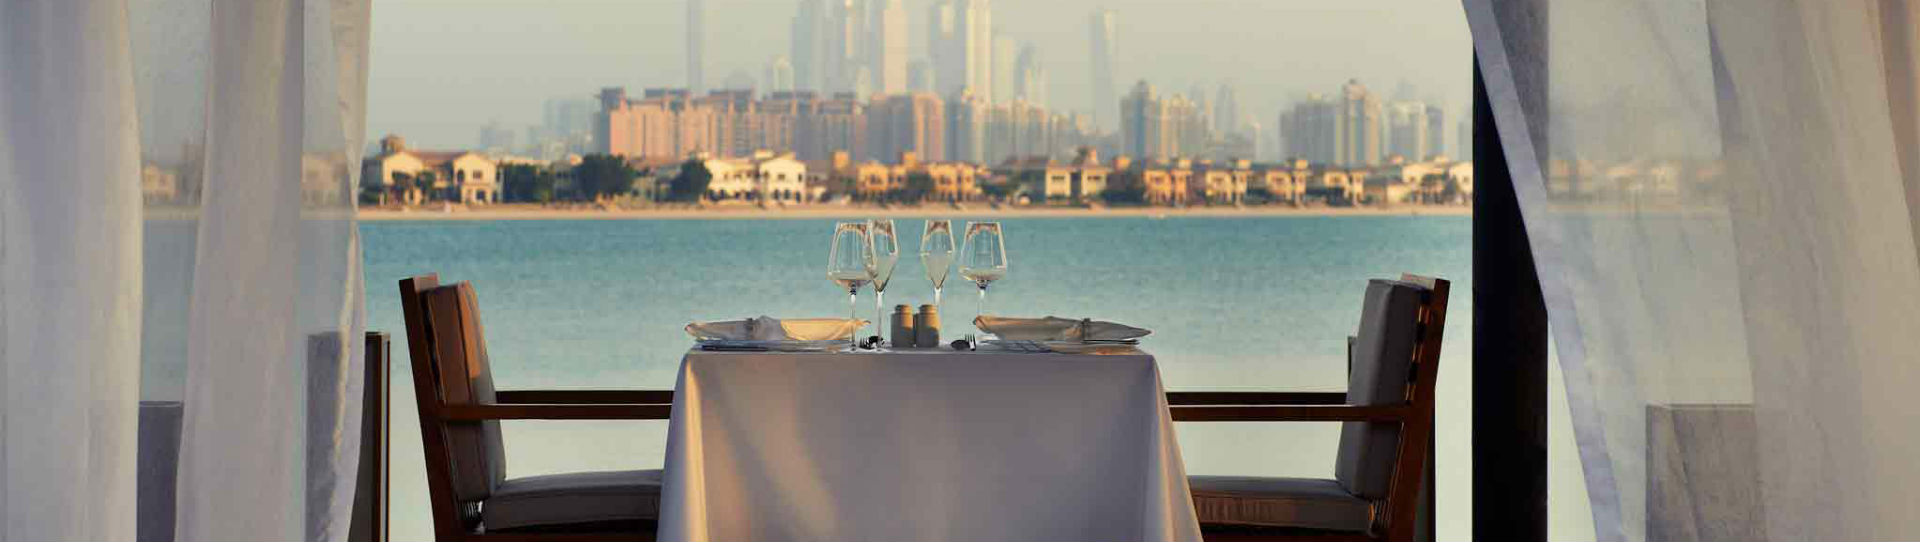 Sofitel The Palm, Dubai - dining experience